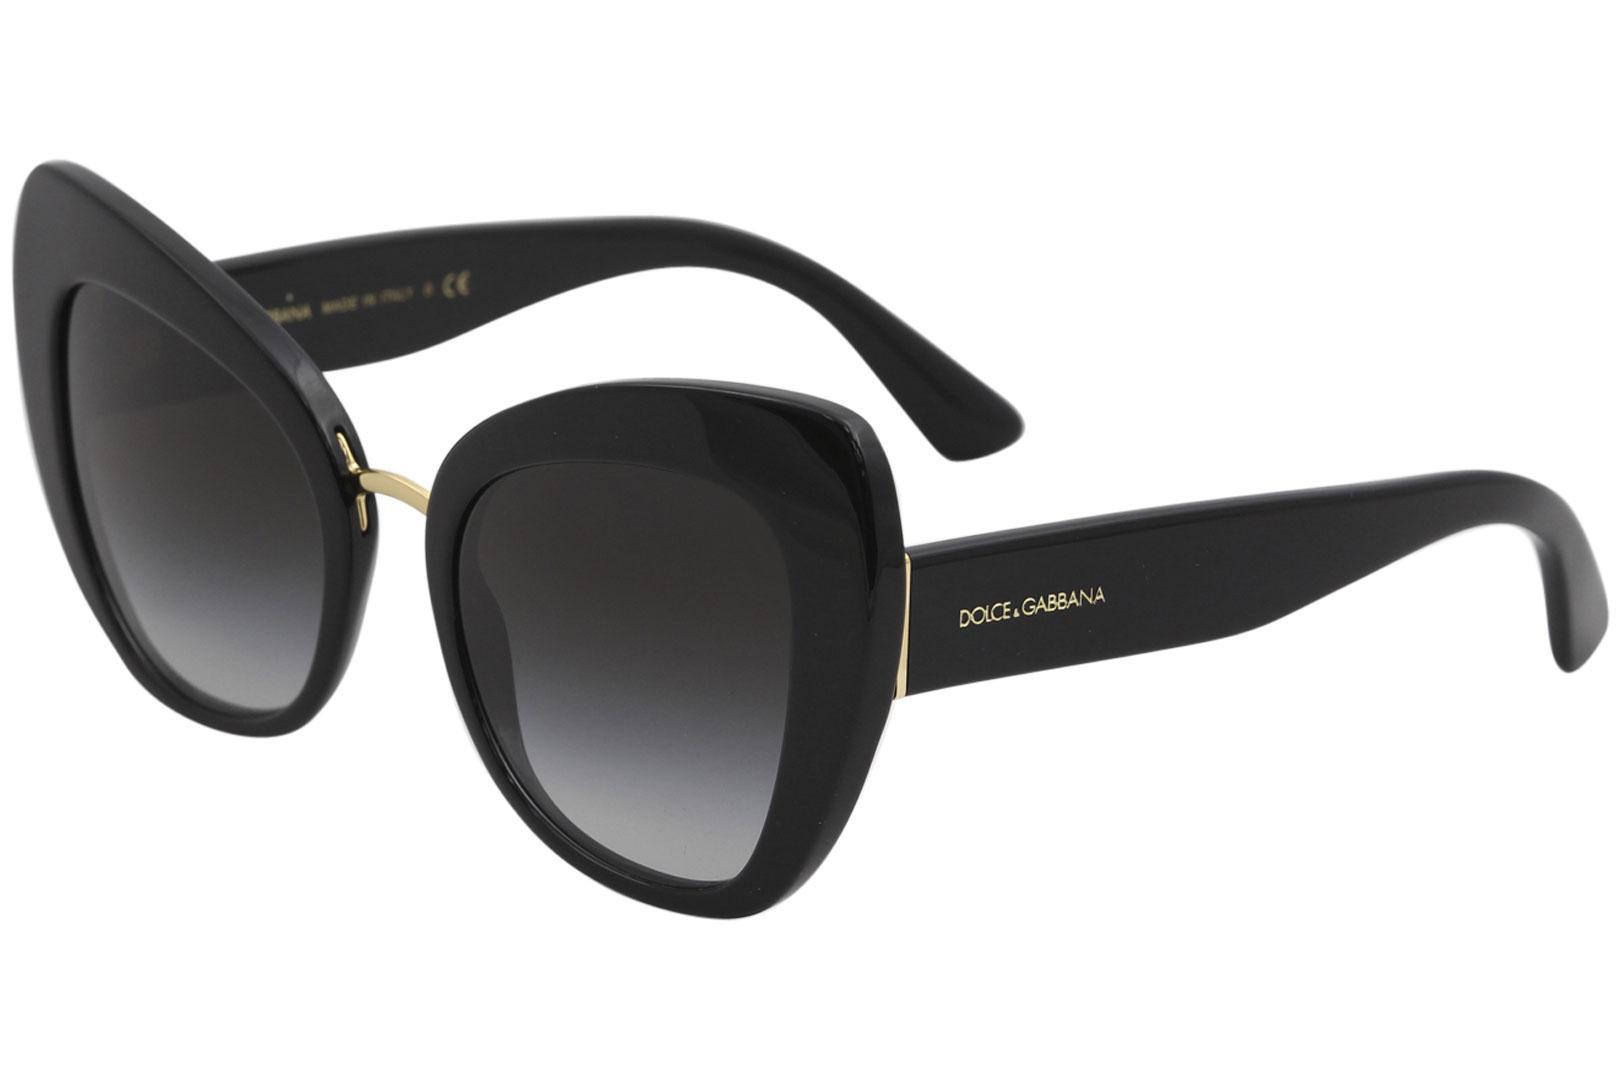 f319e1e98e5 Dolce   Gabbana Women s D G DG4319 DG 4319 Fashion Cat Eye Sunglasses